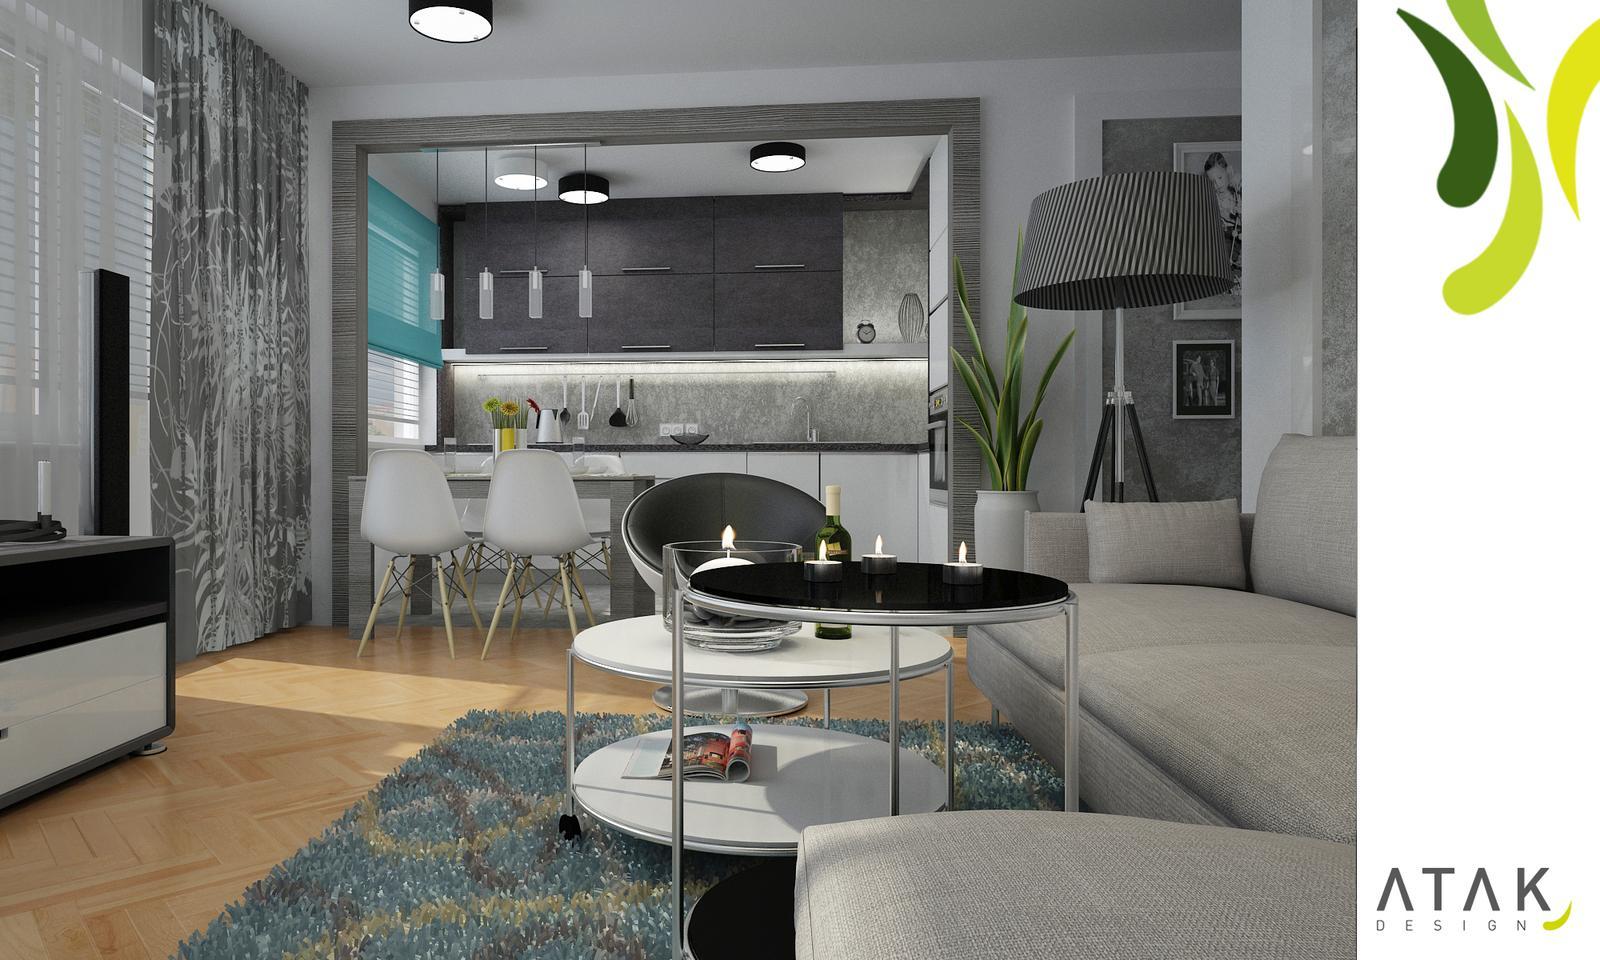 Kompletní rekonstrukce bytu 3+1 - vizualizace, vybrané zařízení a plány - Obývací prostor varianta 2 - vizualizace